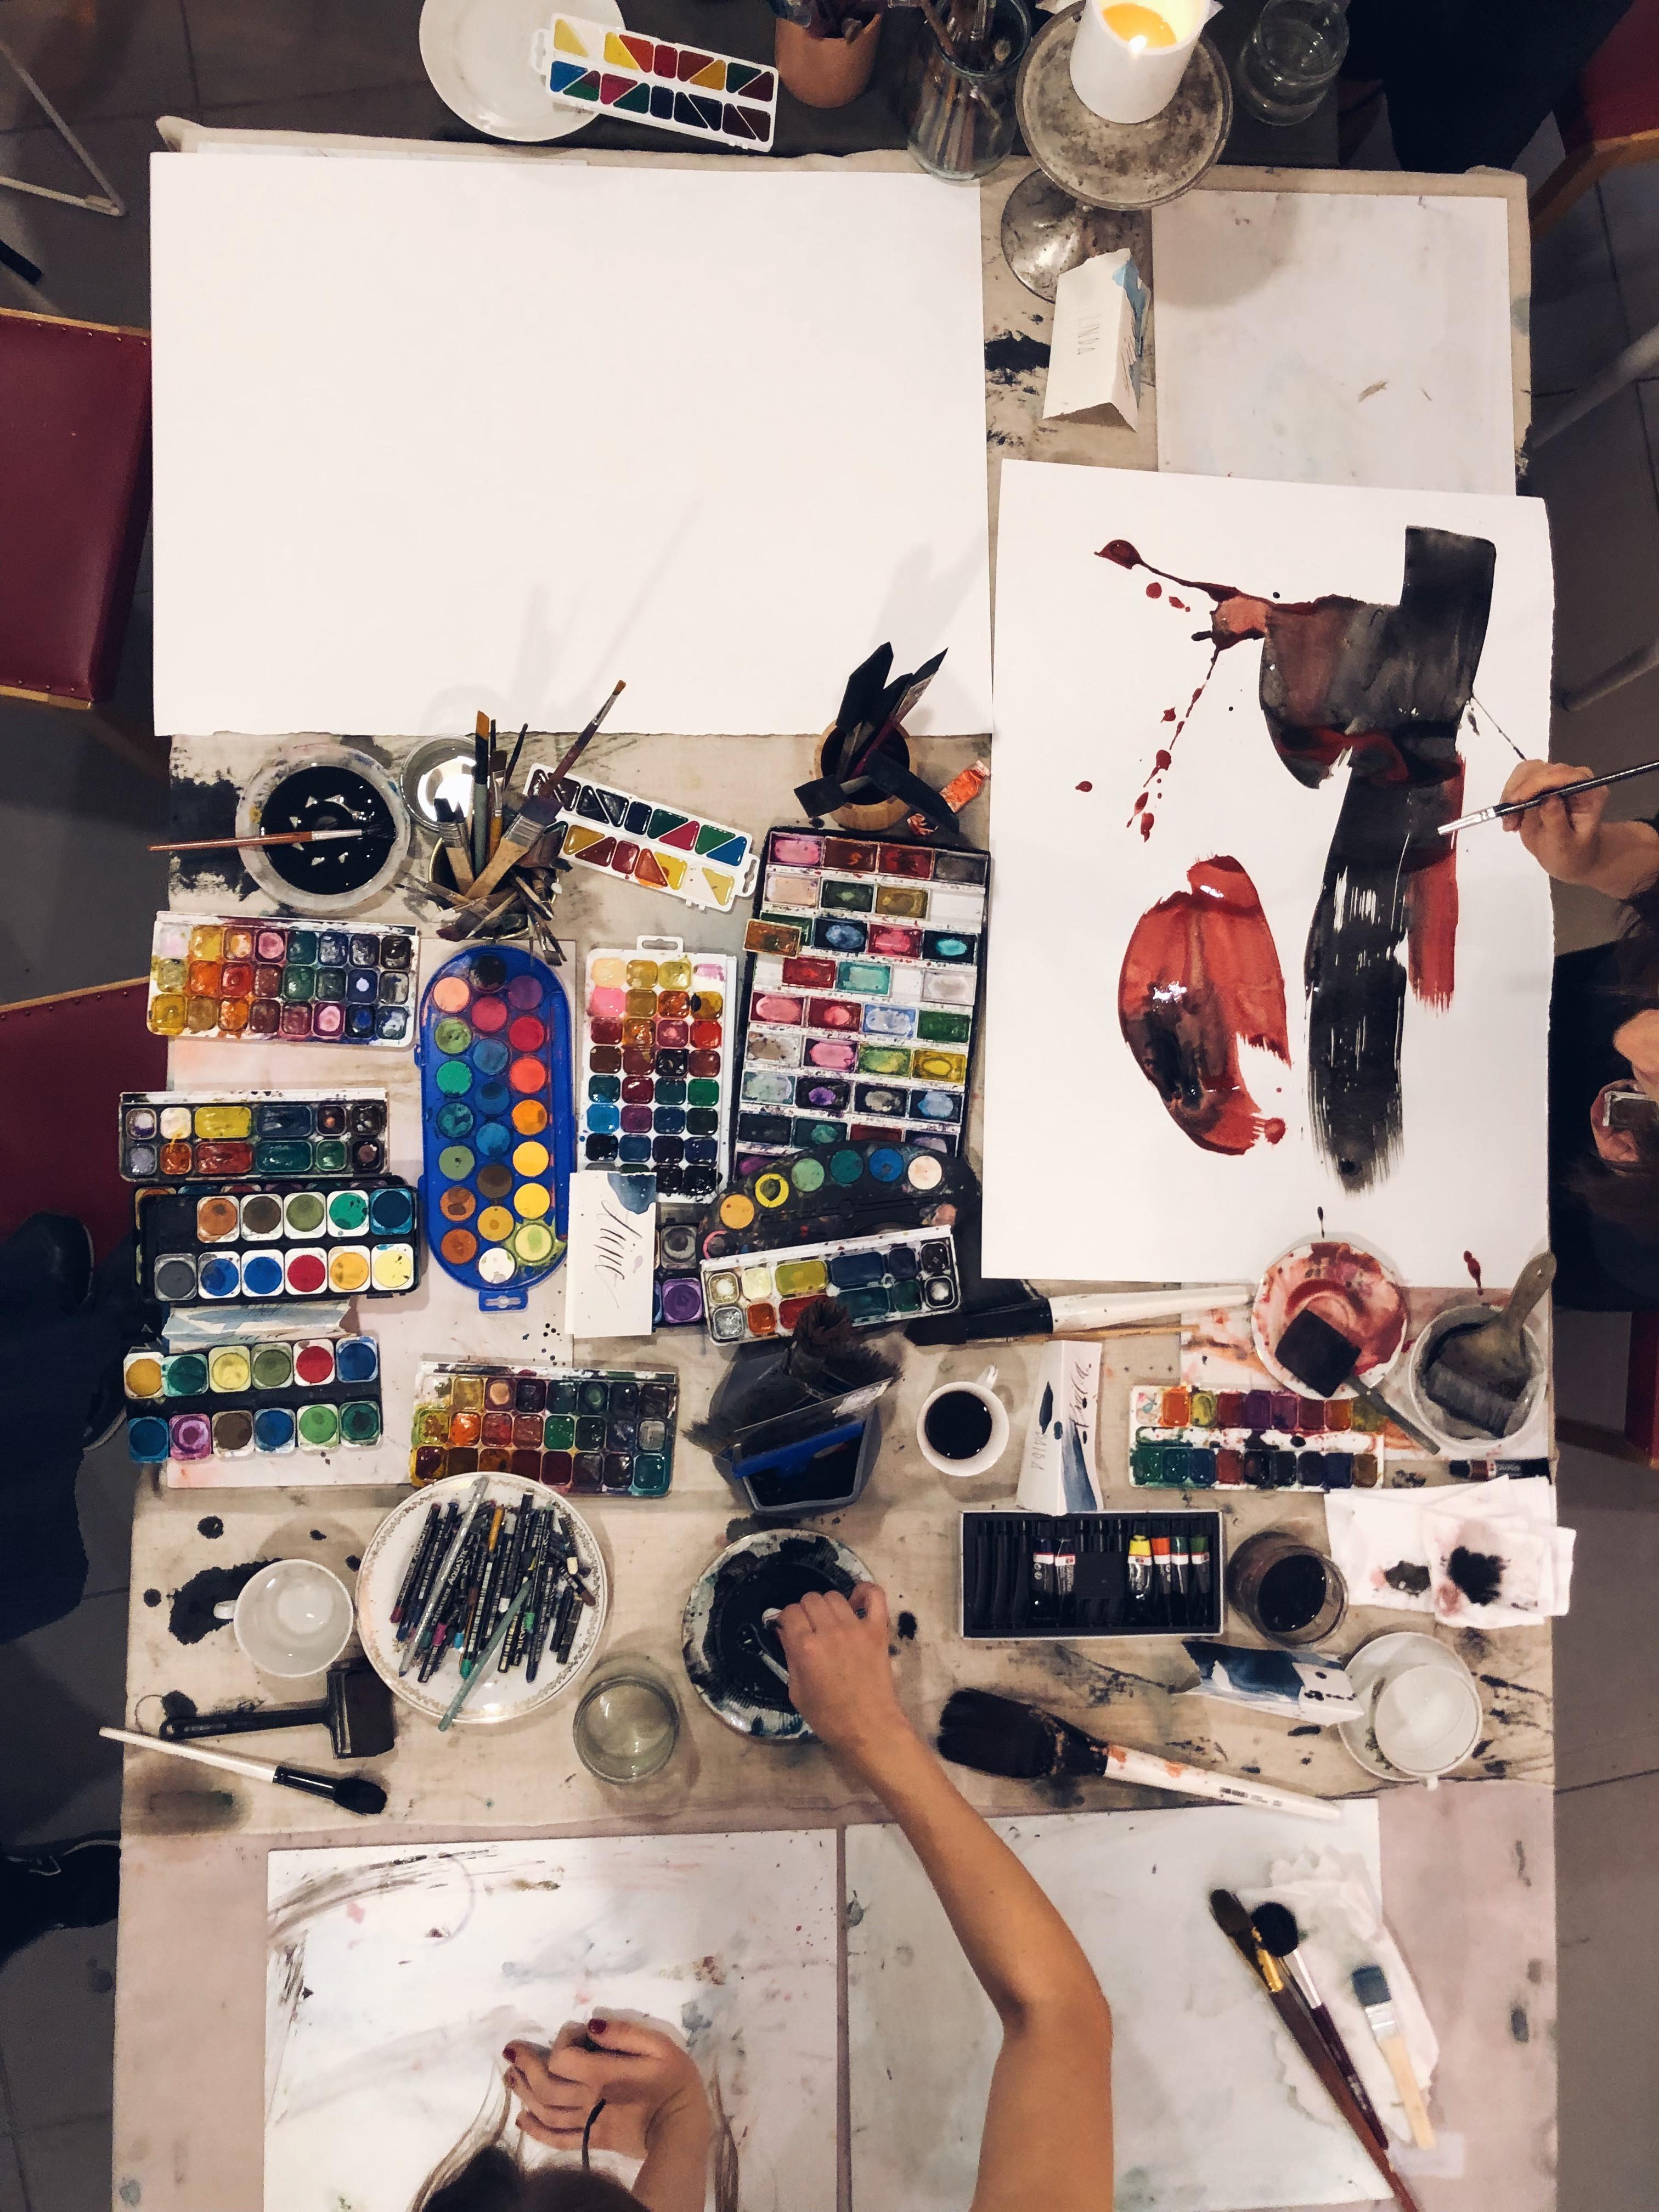 Akvareļu darbnīca Rīgā